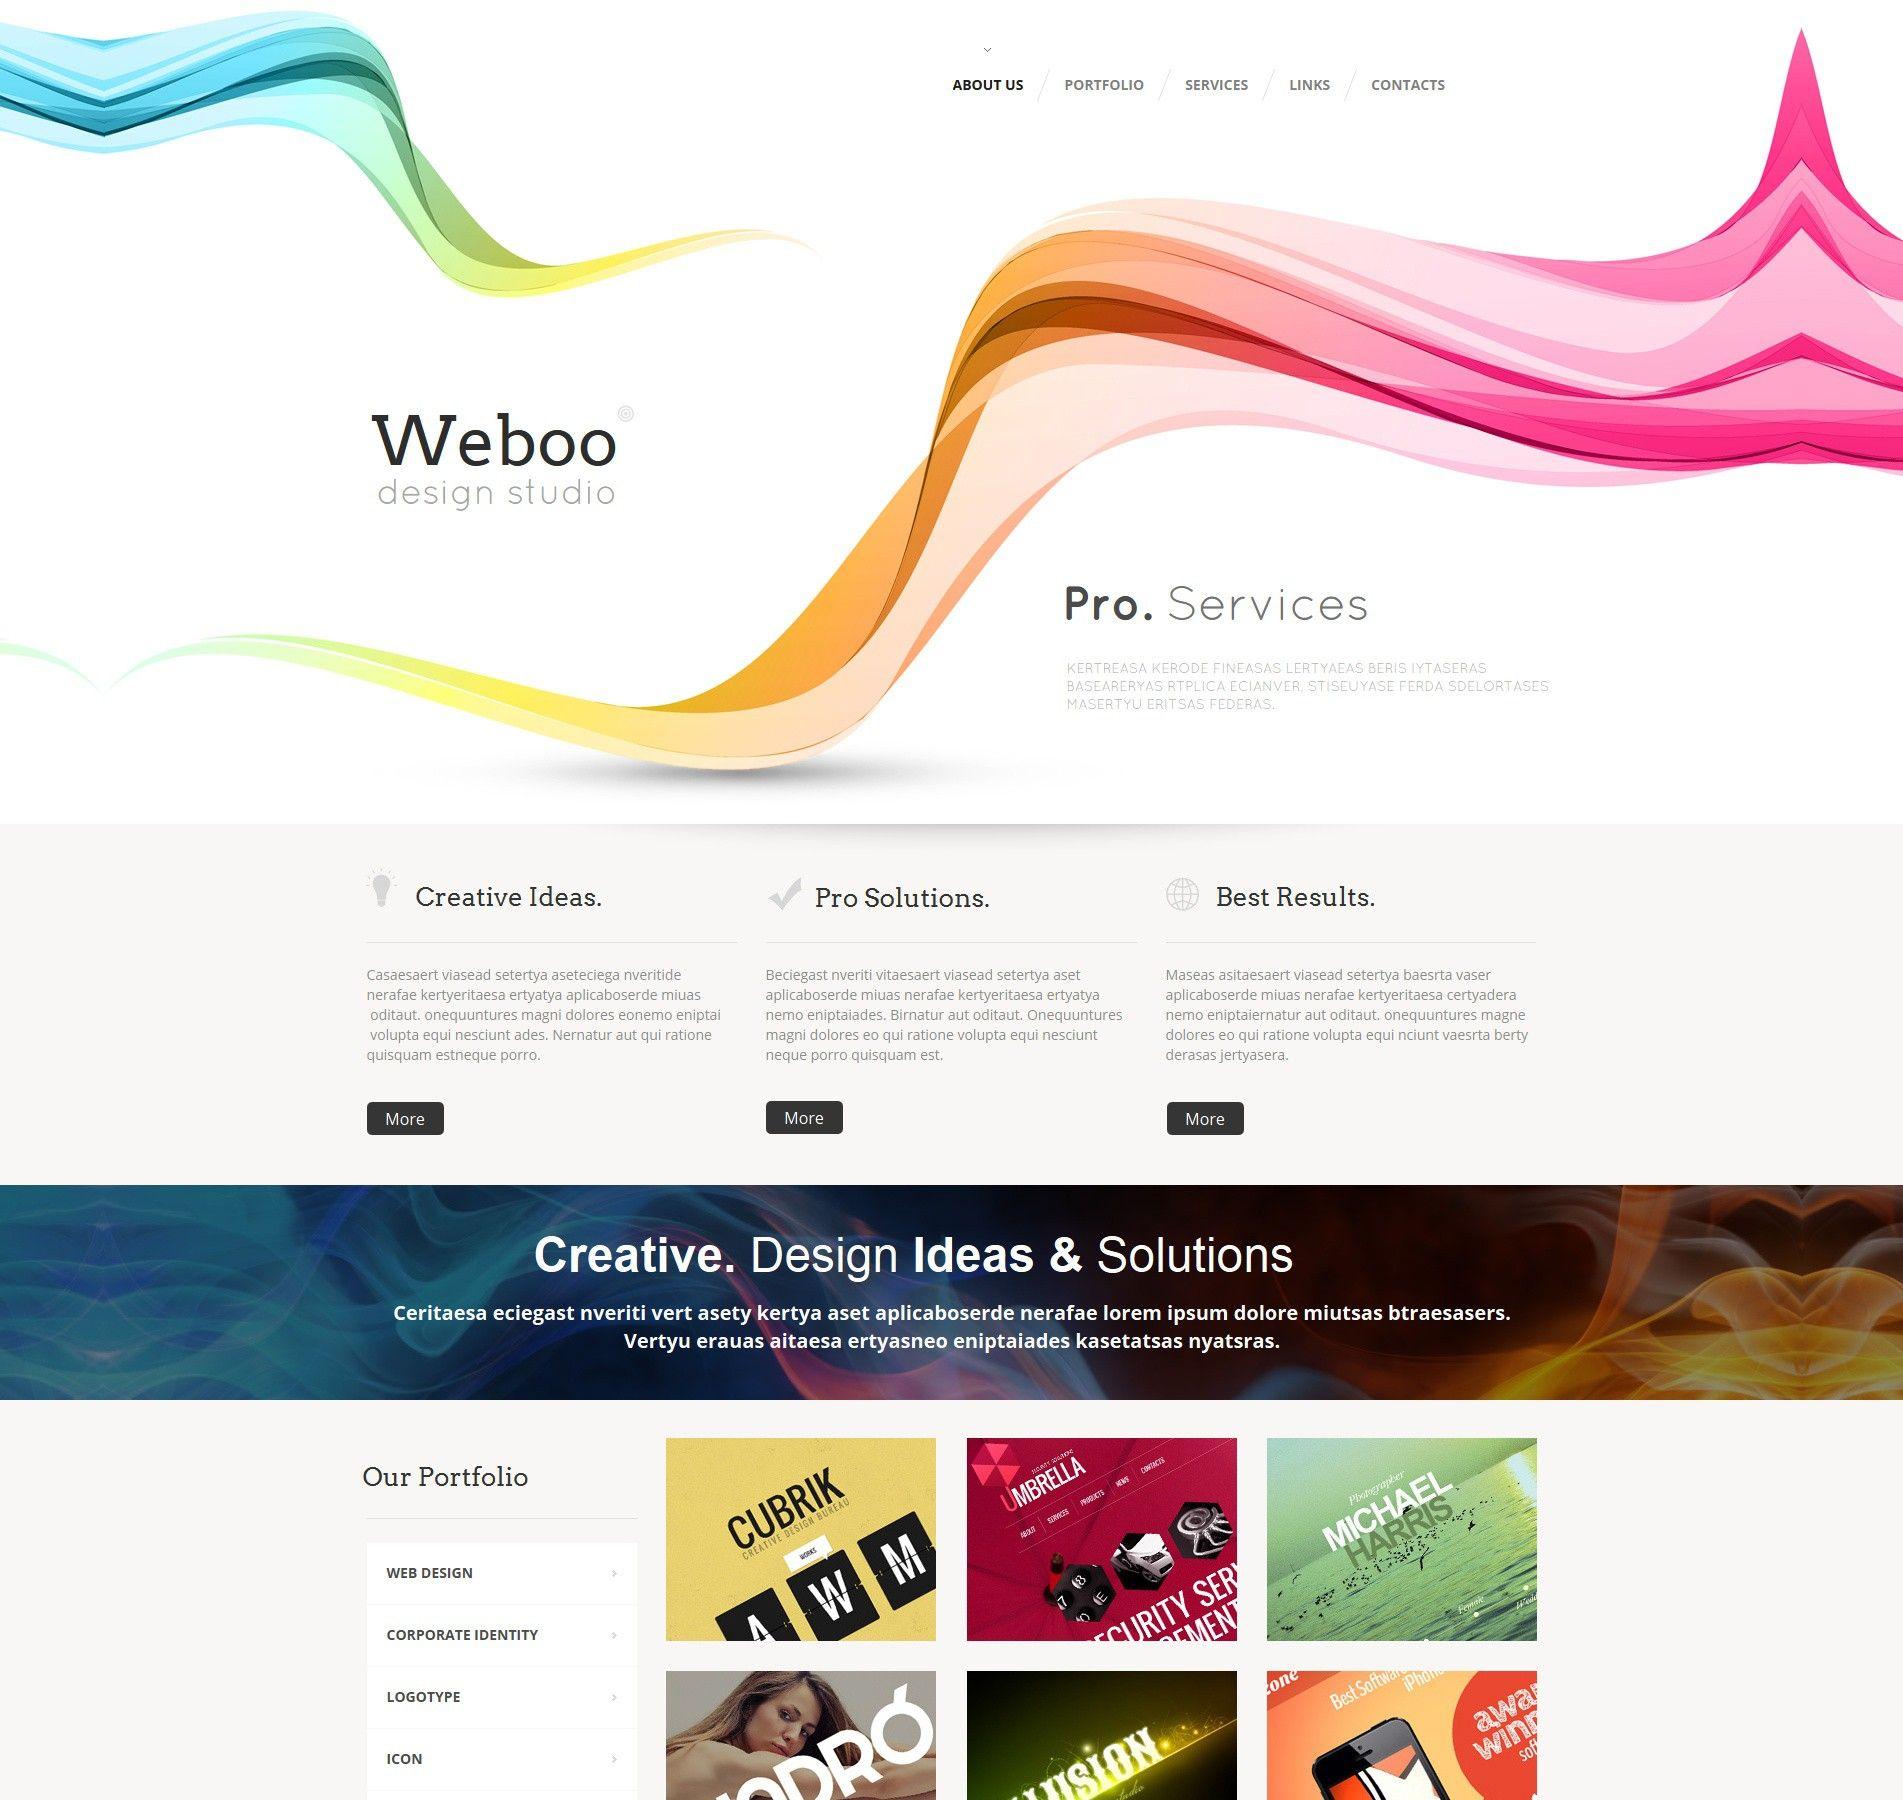 'Weboo Design' #webdesign for #MotoCMS HTML 47564 http://zign.nl/47564